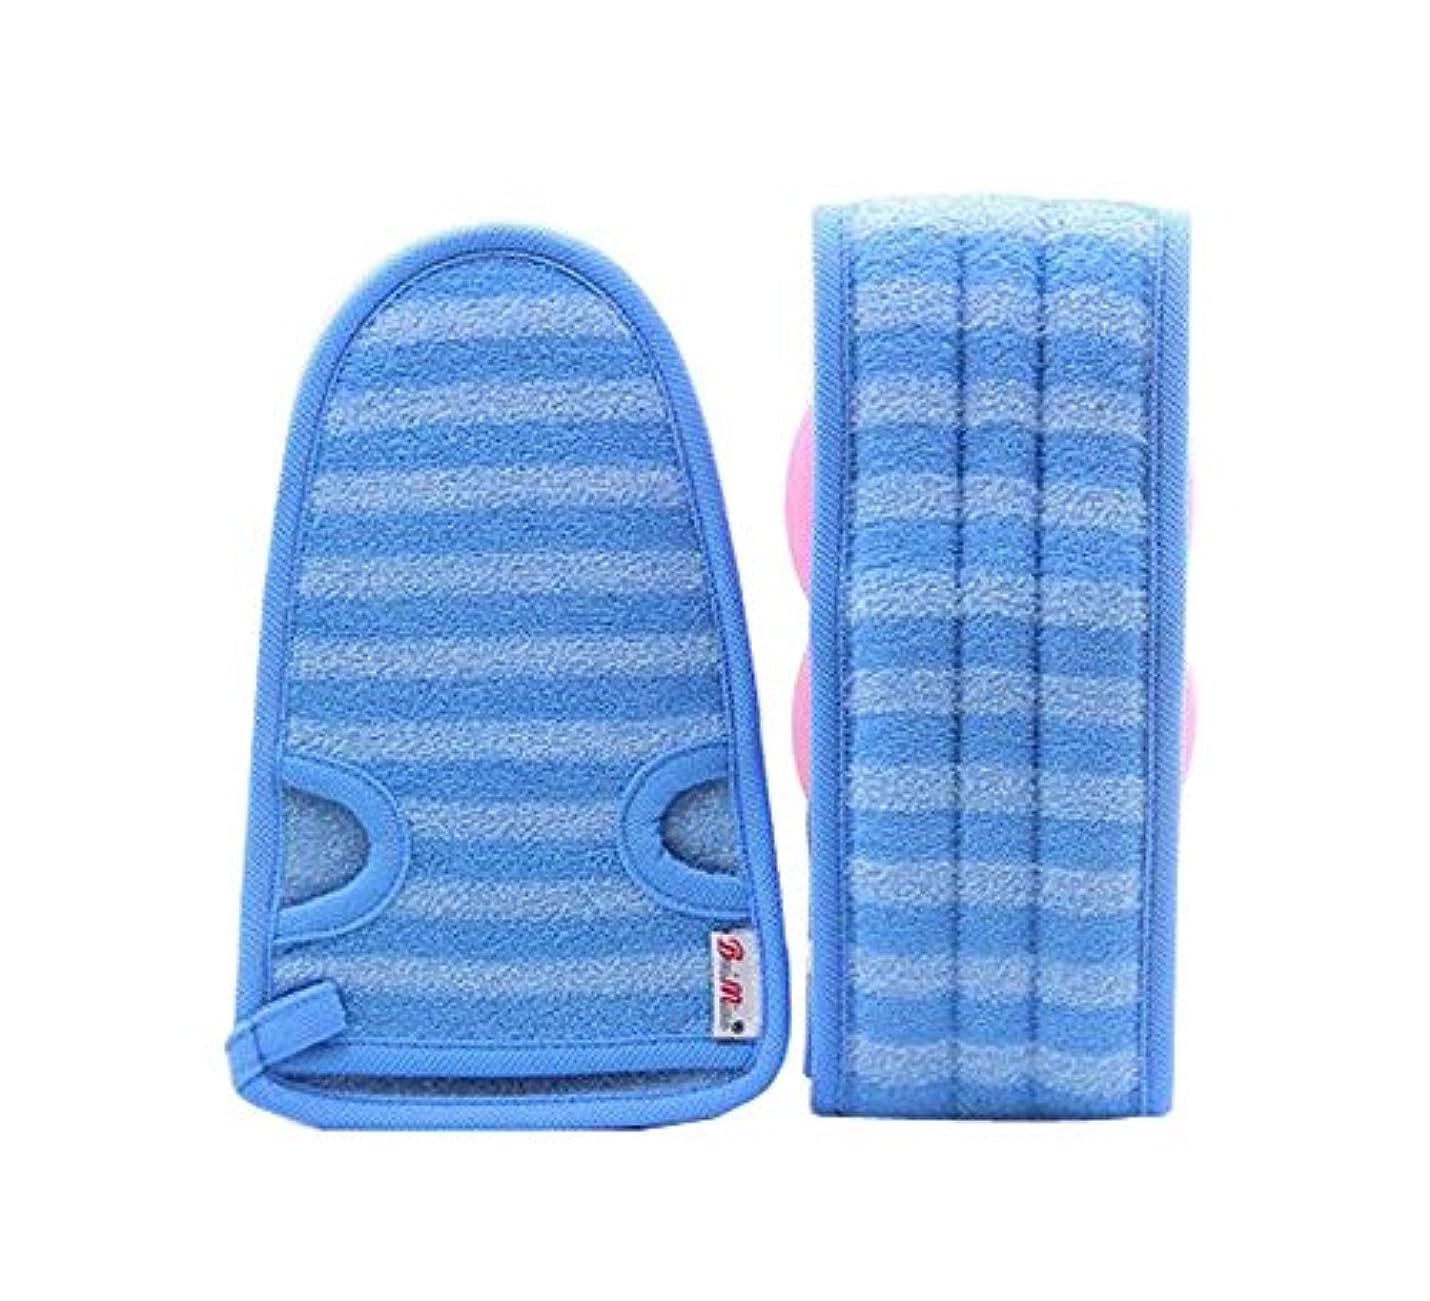 寺院控えるディプロマ2つの柔らかいバスミットの剥離手袋バス用ベルト、青